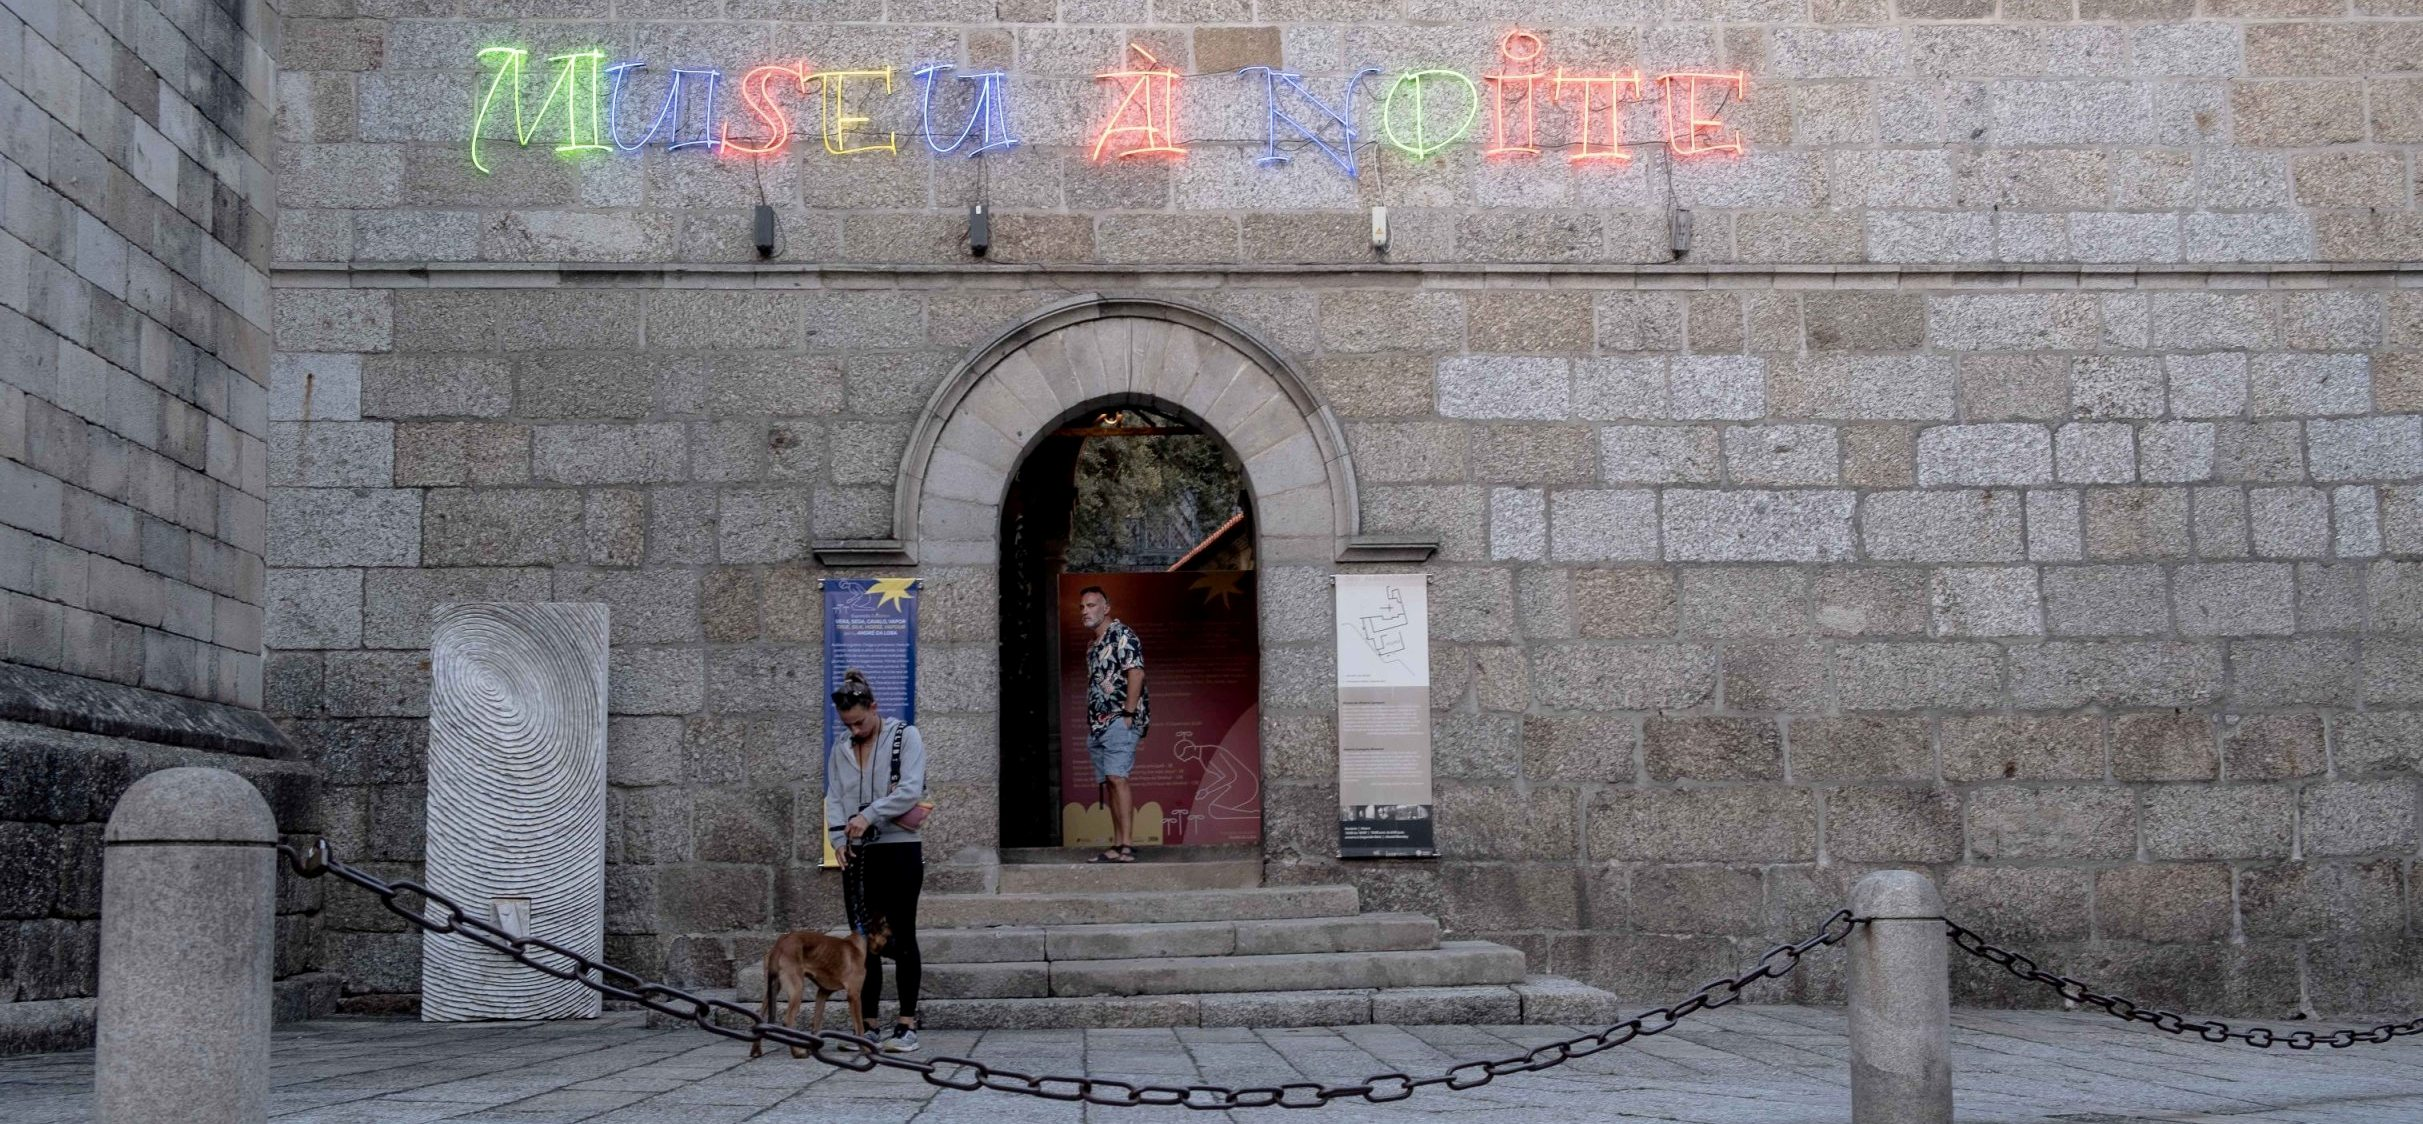 Entrada lateral do Museu Alberto Sampaio. Portal de ferro forjado com as letras 'Museu à Noite'.